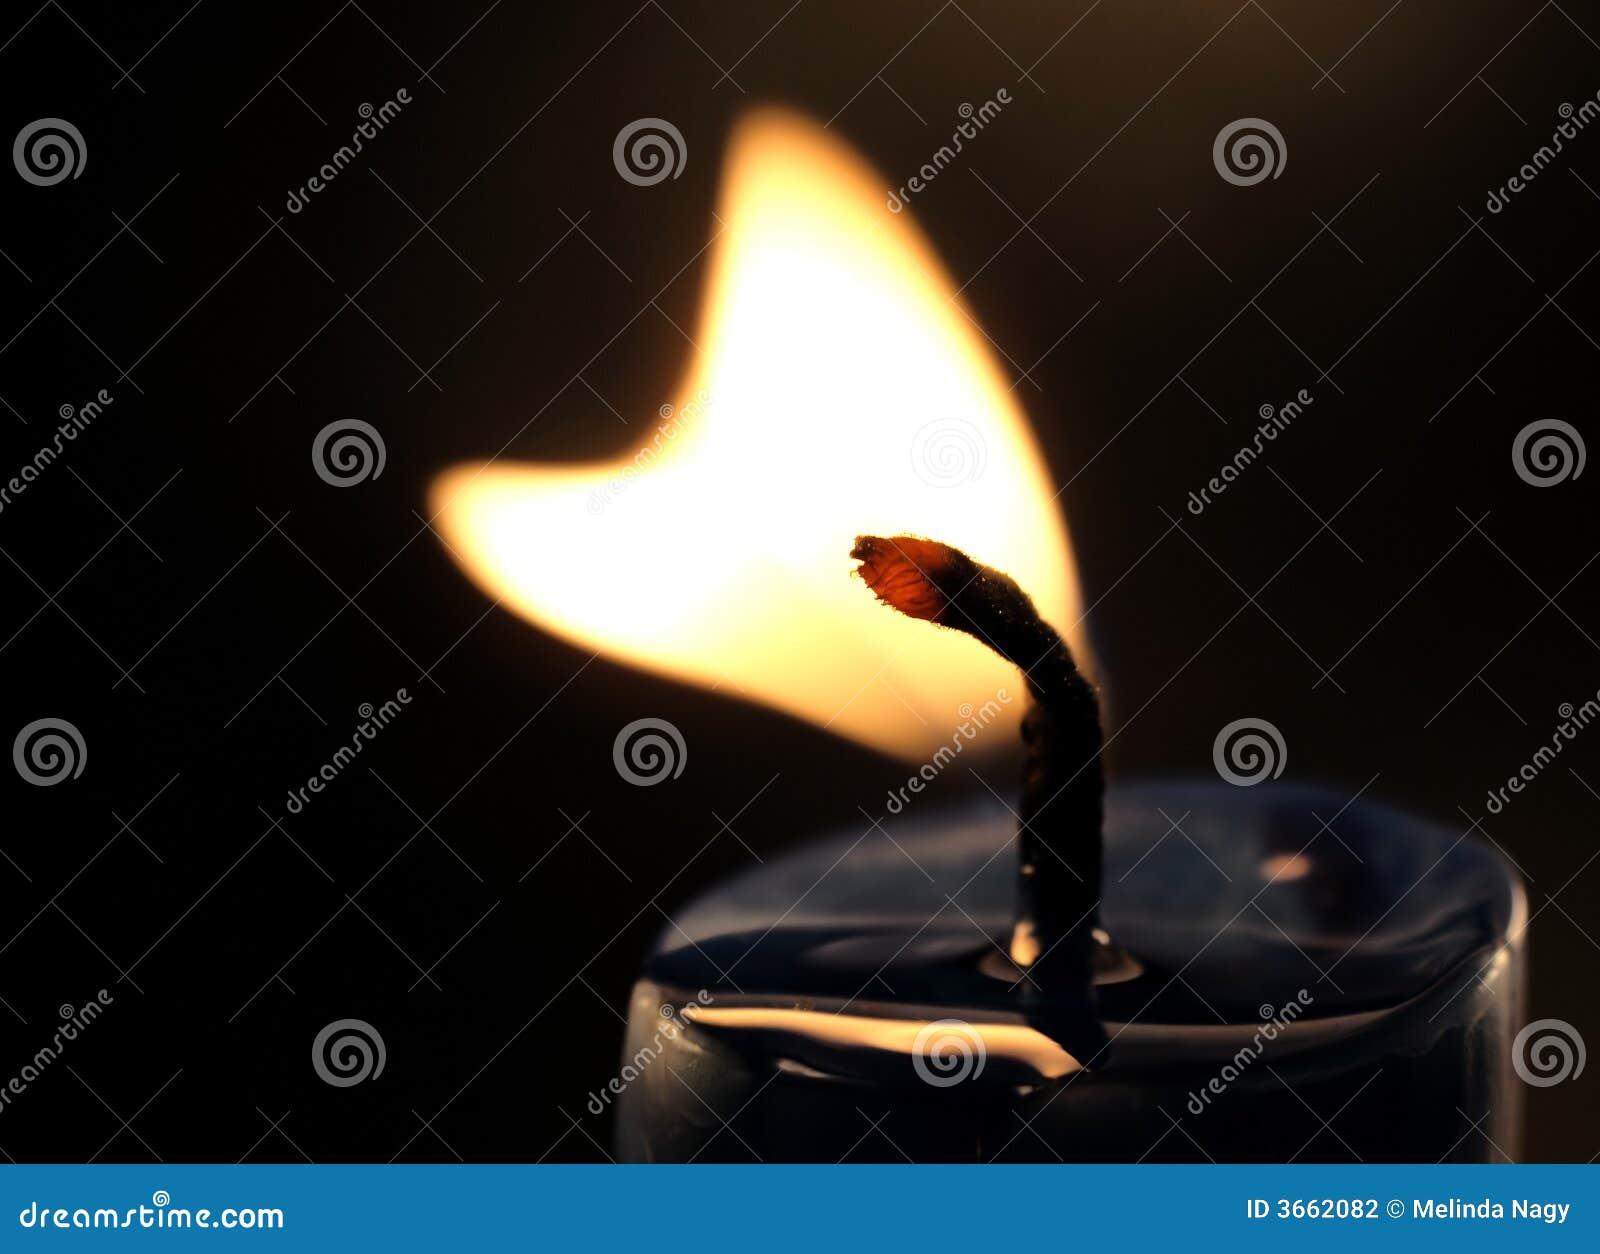 flamme de bougie en forme de coeur photo stock image du peine harmonie 3662082. Black Bedroom Furniture Sets. Home Design Ideas